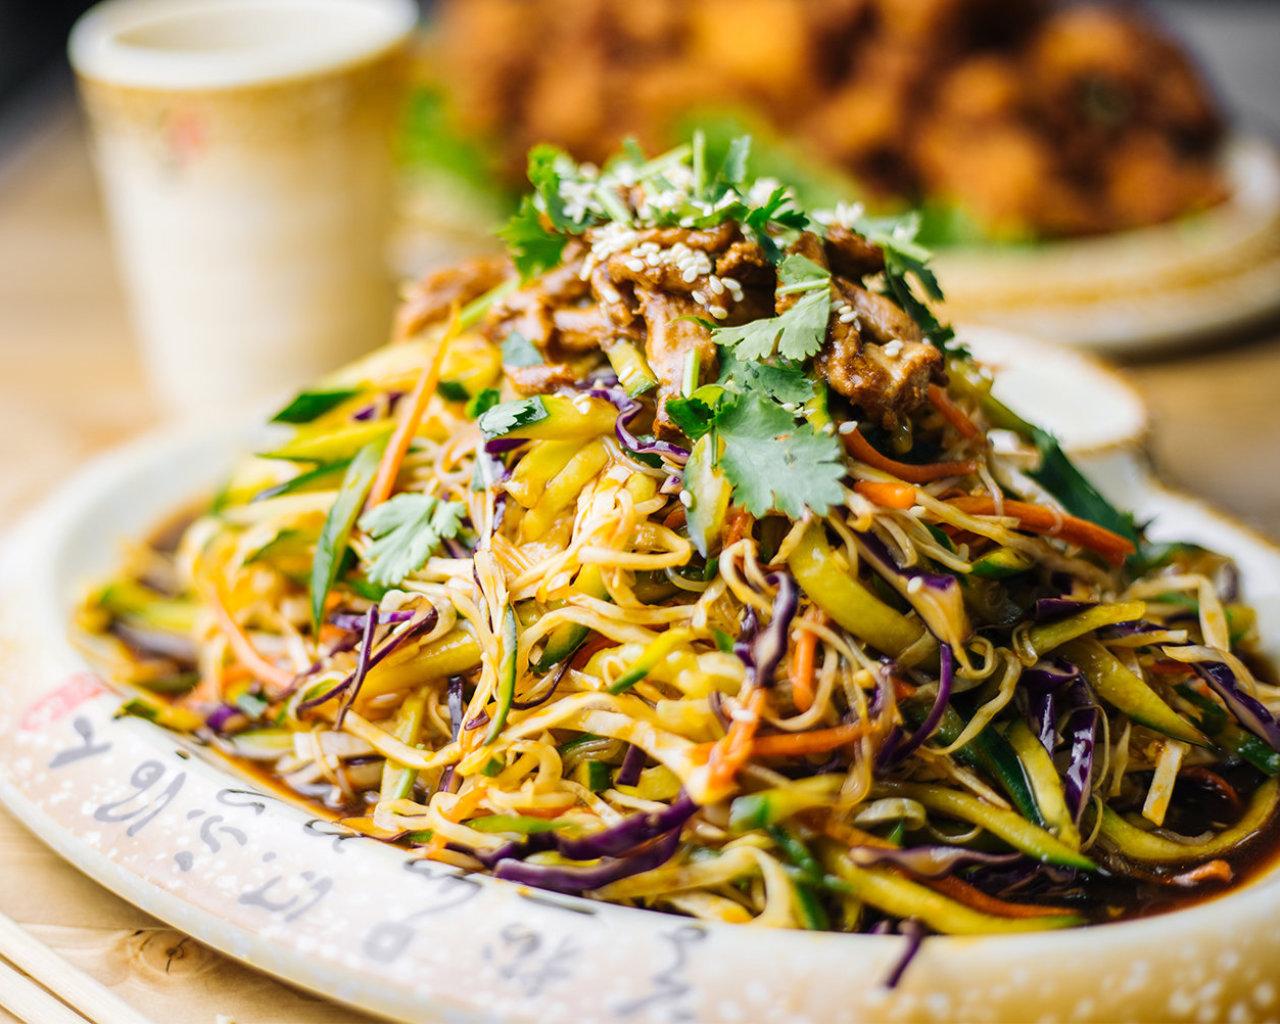 такое салат харбинский по китайски рецепт с фото неожиданно